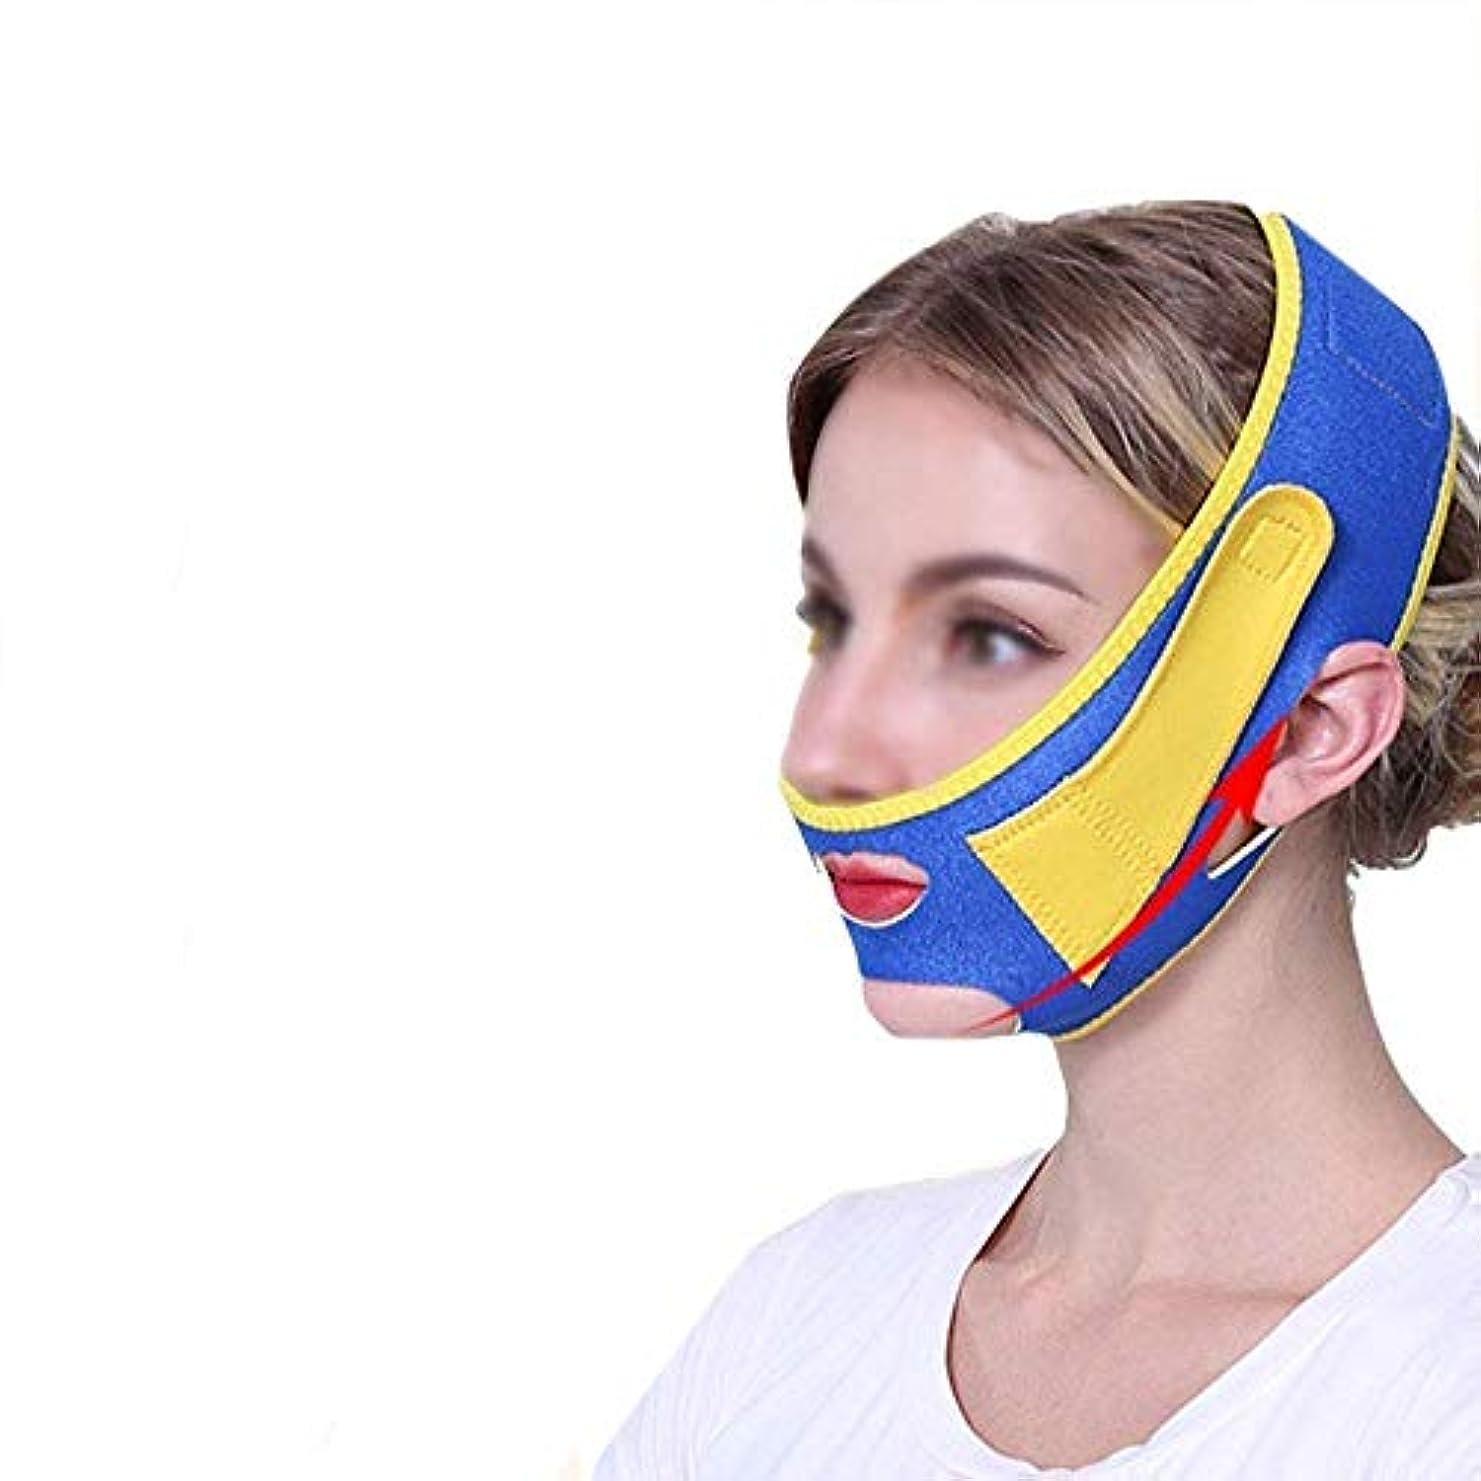 偽装する雇用者タイプ美しさと実用的な薄型フェイスベルト、Vフェイスバンデージからダブルチンデクリーマスクリフティングファーミングスリープマスク